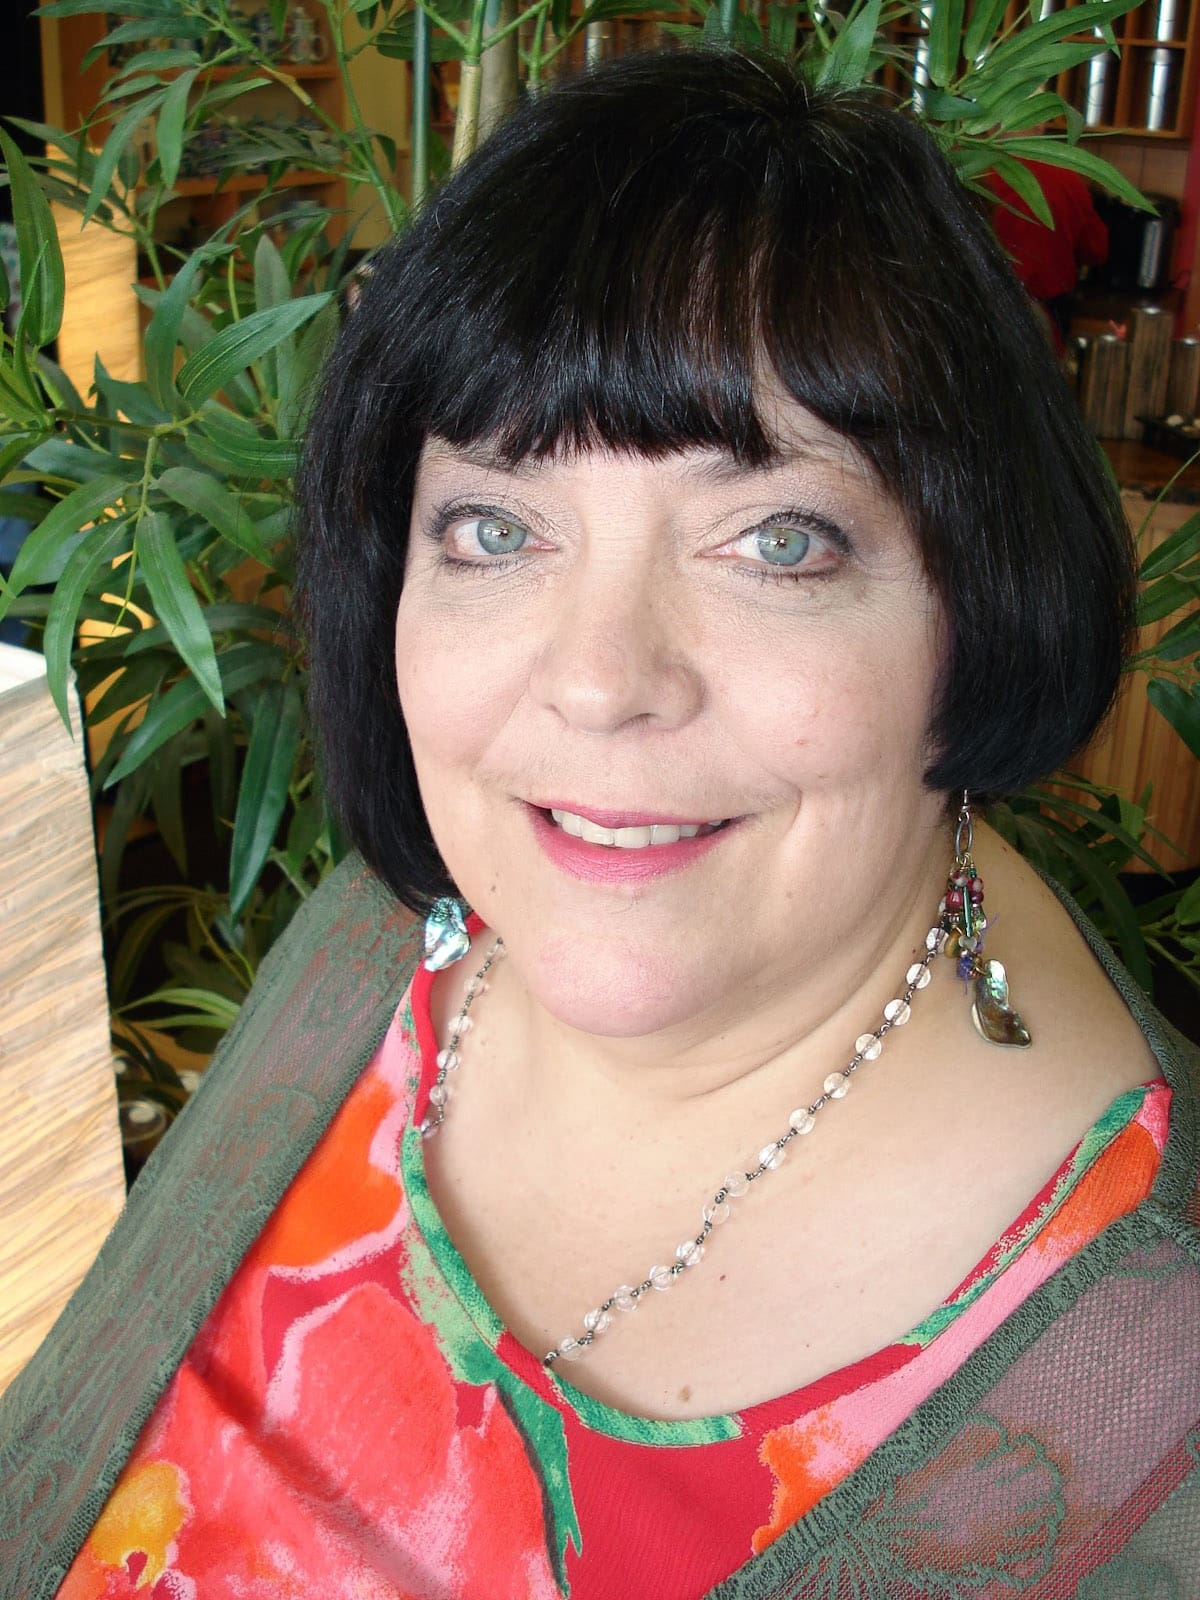 Thia McKann, The Path of Tea, December 2012